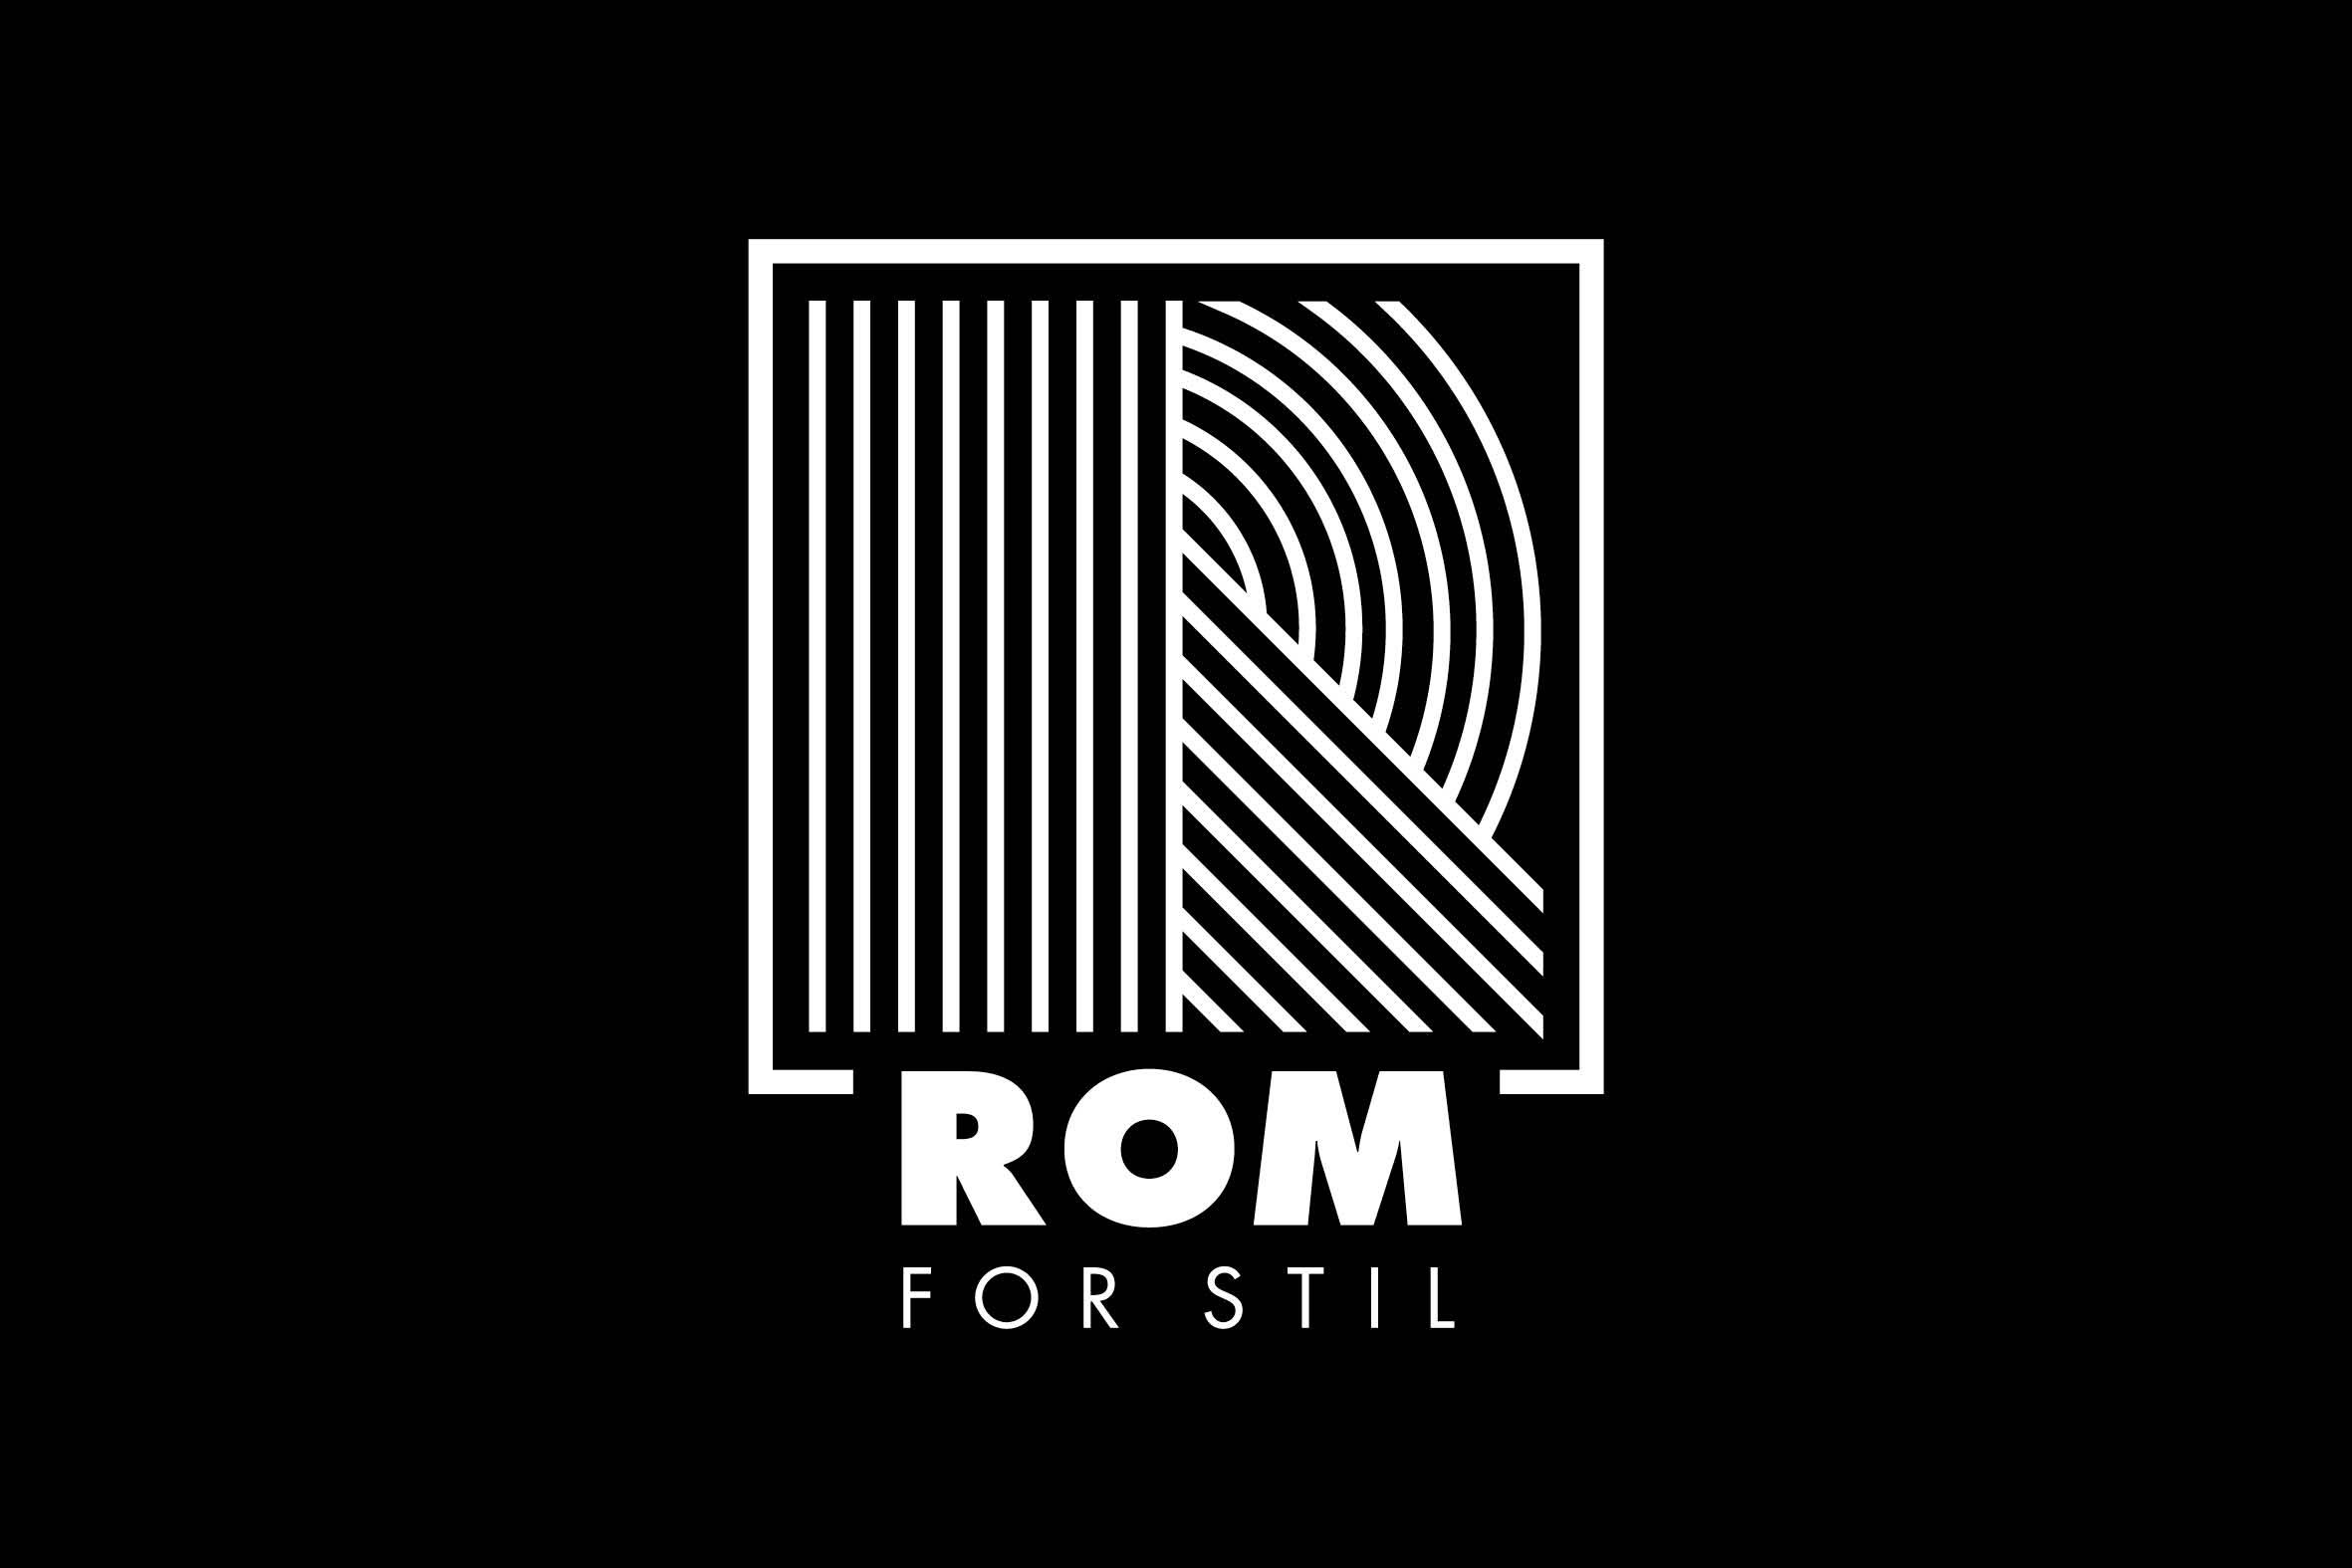 ROM_for_STIL_logo3.jpg